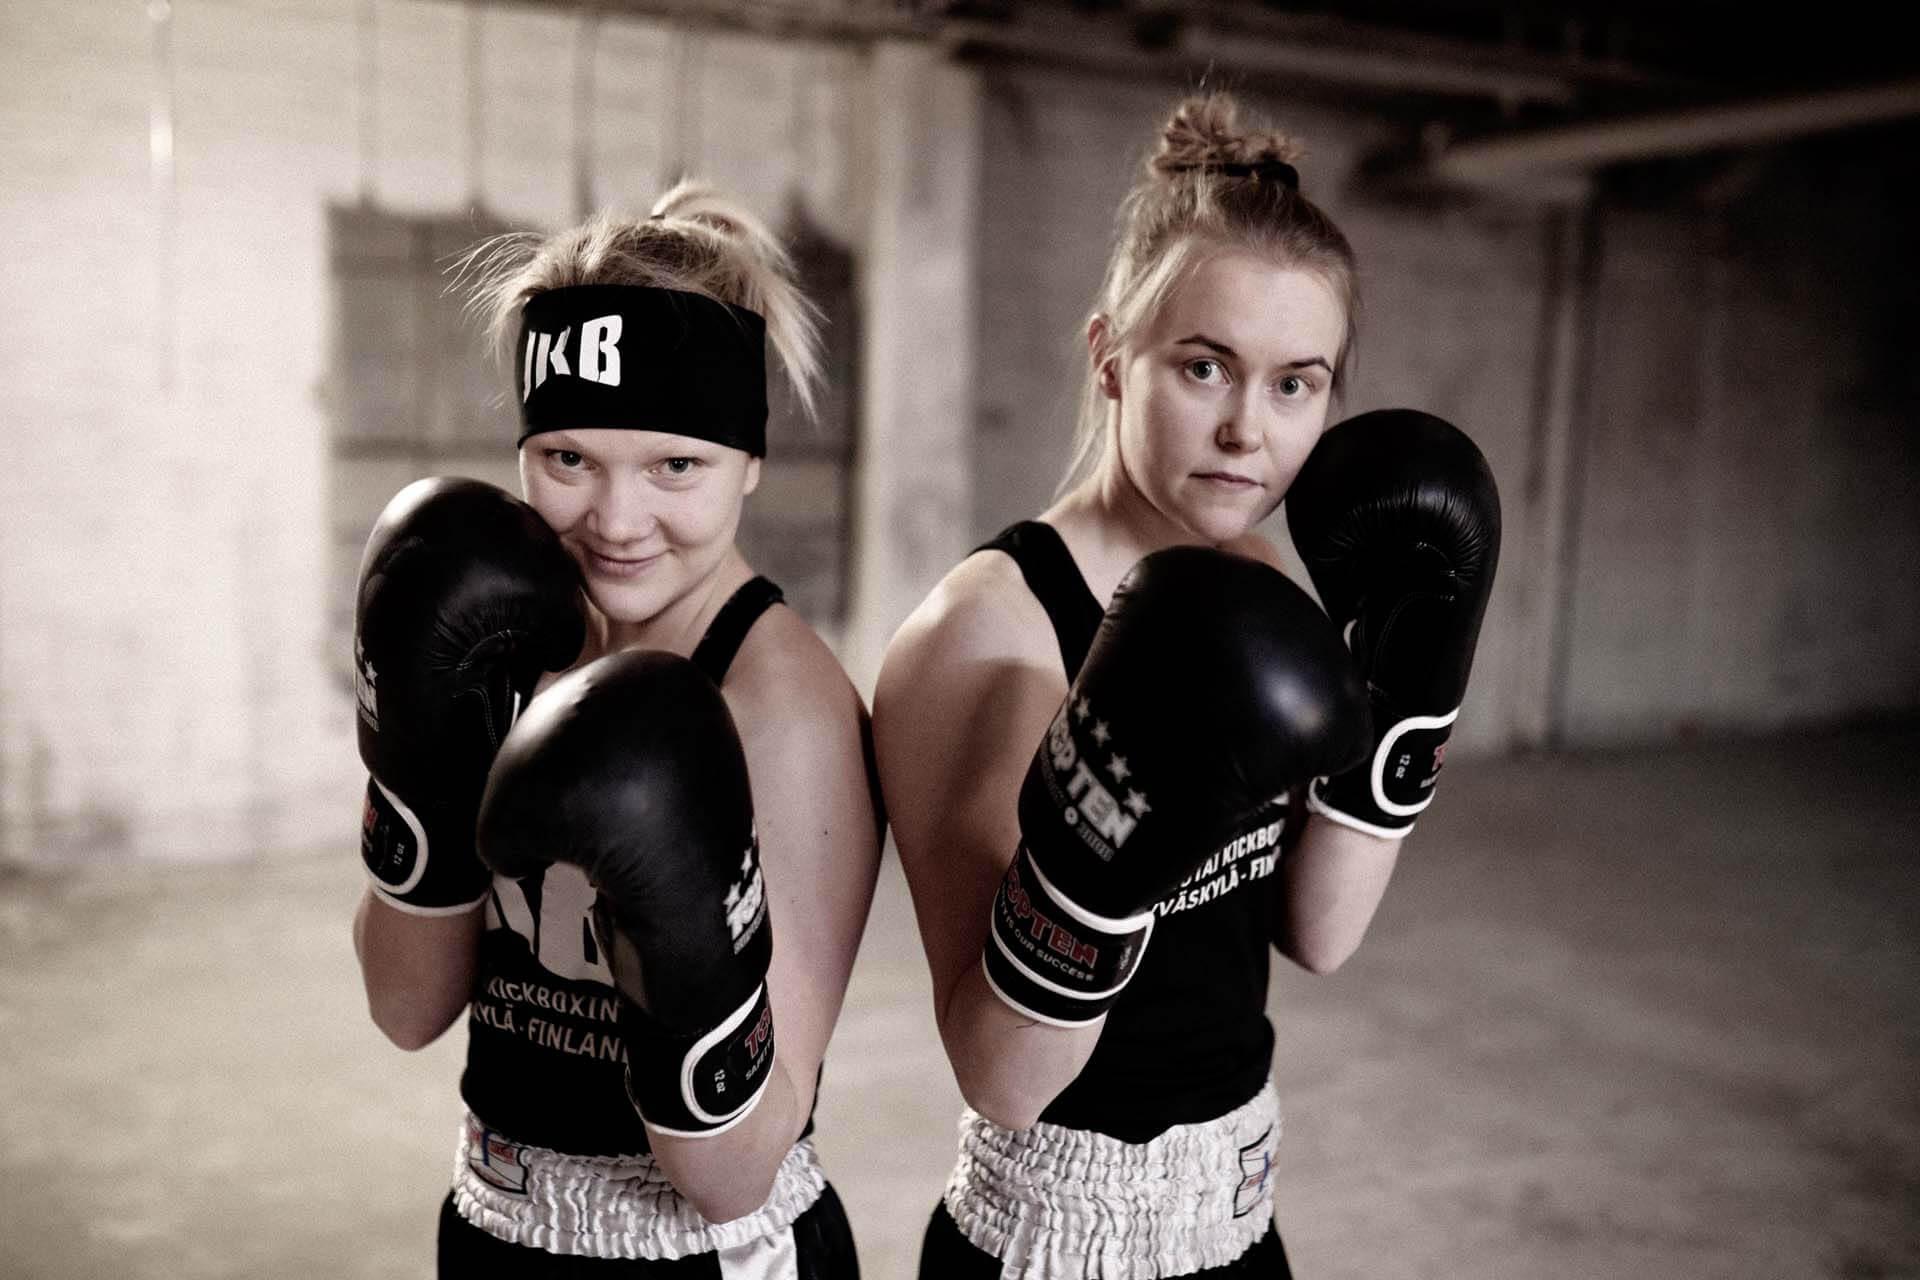 Jigotai Kickboxing